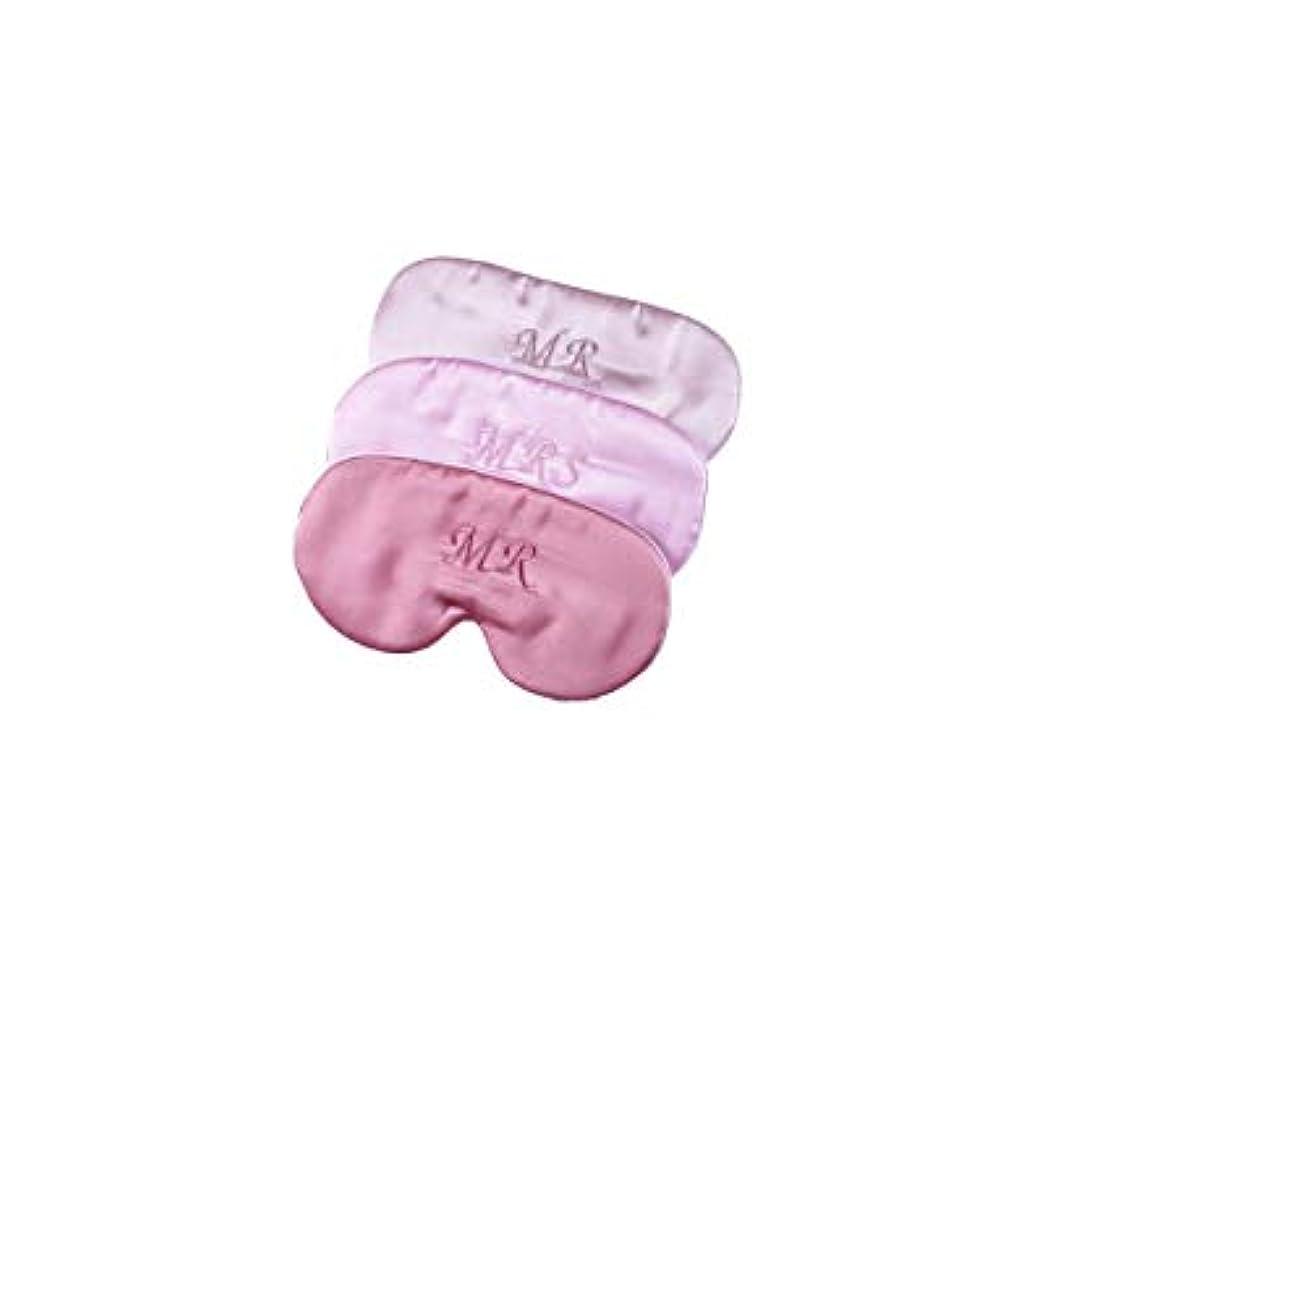 見える適合あいにくシルクゴーグル調節可能、100%シルク、イヤホン収納バッグギフトボックス4セットの刺繍モデル日よけ女性、通気性、快適、いびきアーチファクト (Color : Pink)